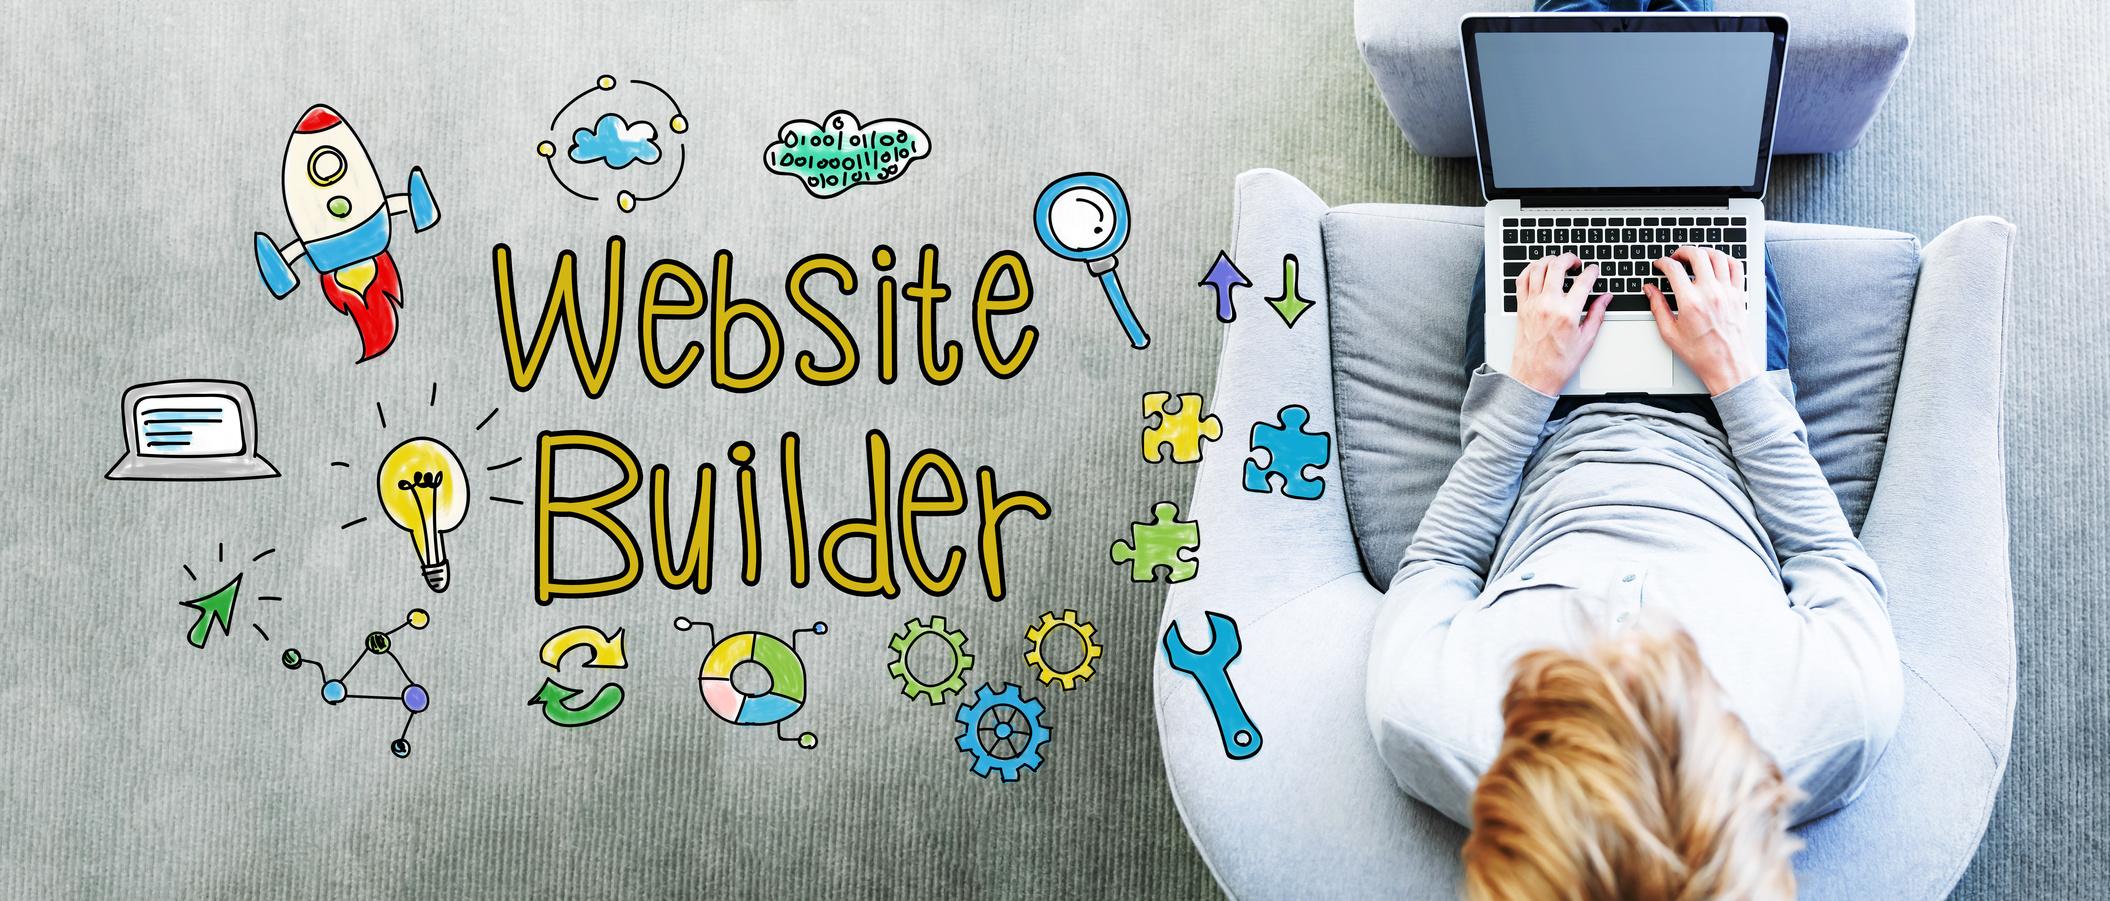 Web Site Builder